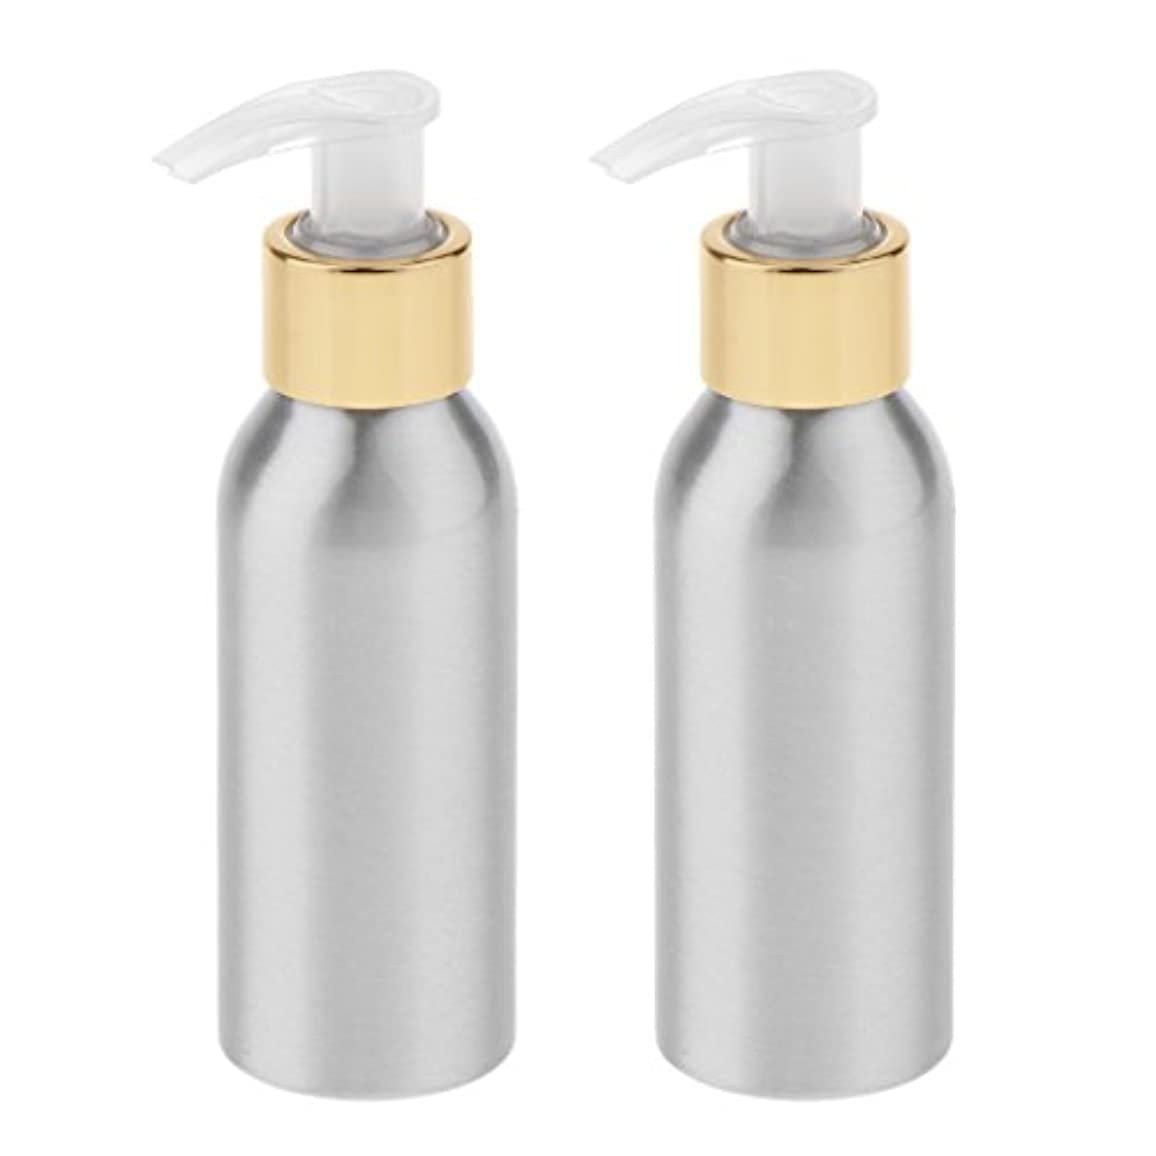 ロック出くわす圧縮するBlesiya 2本 スプレーボトル ポンプボトル アルミボトル 噴霧器 香水ボトル 通勤/旅行/出張 便利 6サイズ選択 - 120ml